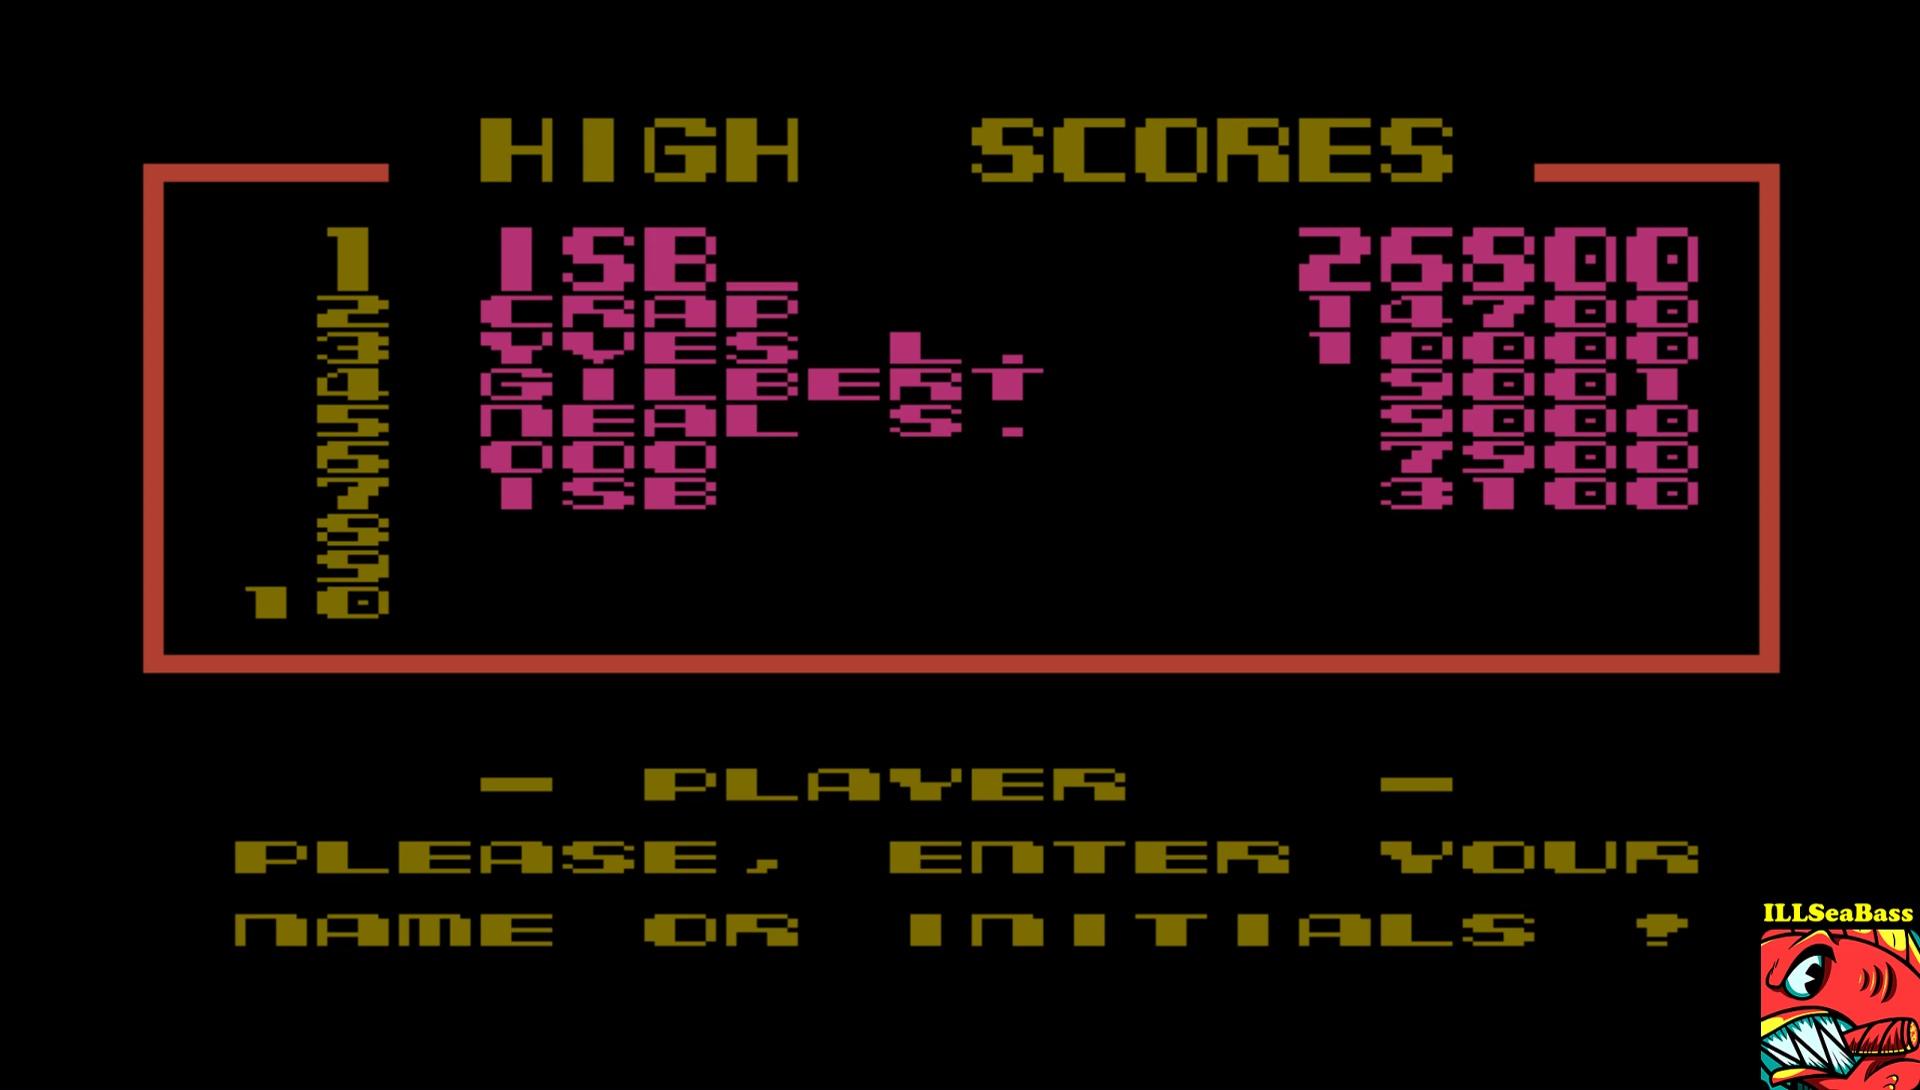 ILLSeaBass: Flak (Atari 400/800/XL/XE Emulated) 26,800 points on 2017-02-09 21:57:51